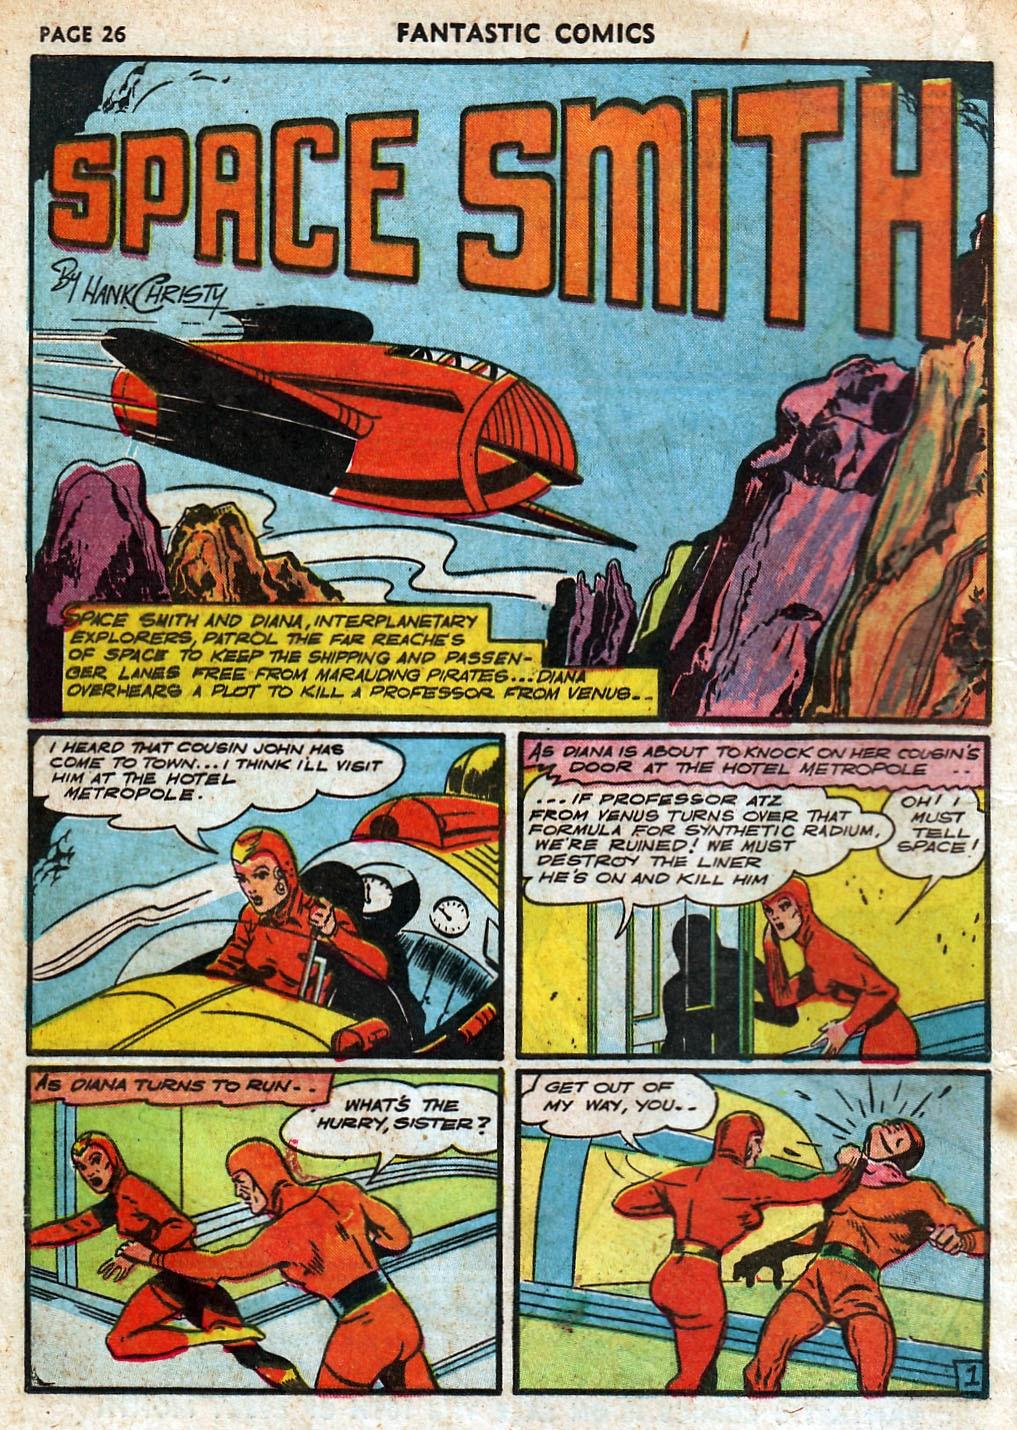 Read online Fantastic Comics comic -  Issue #18 - 28